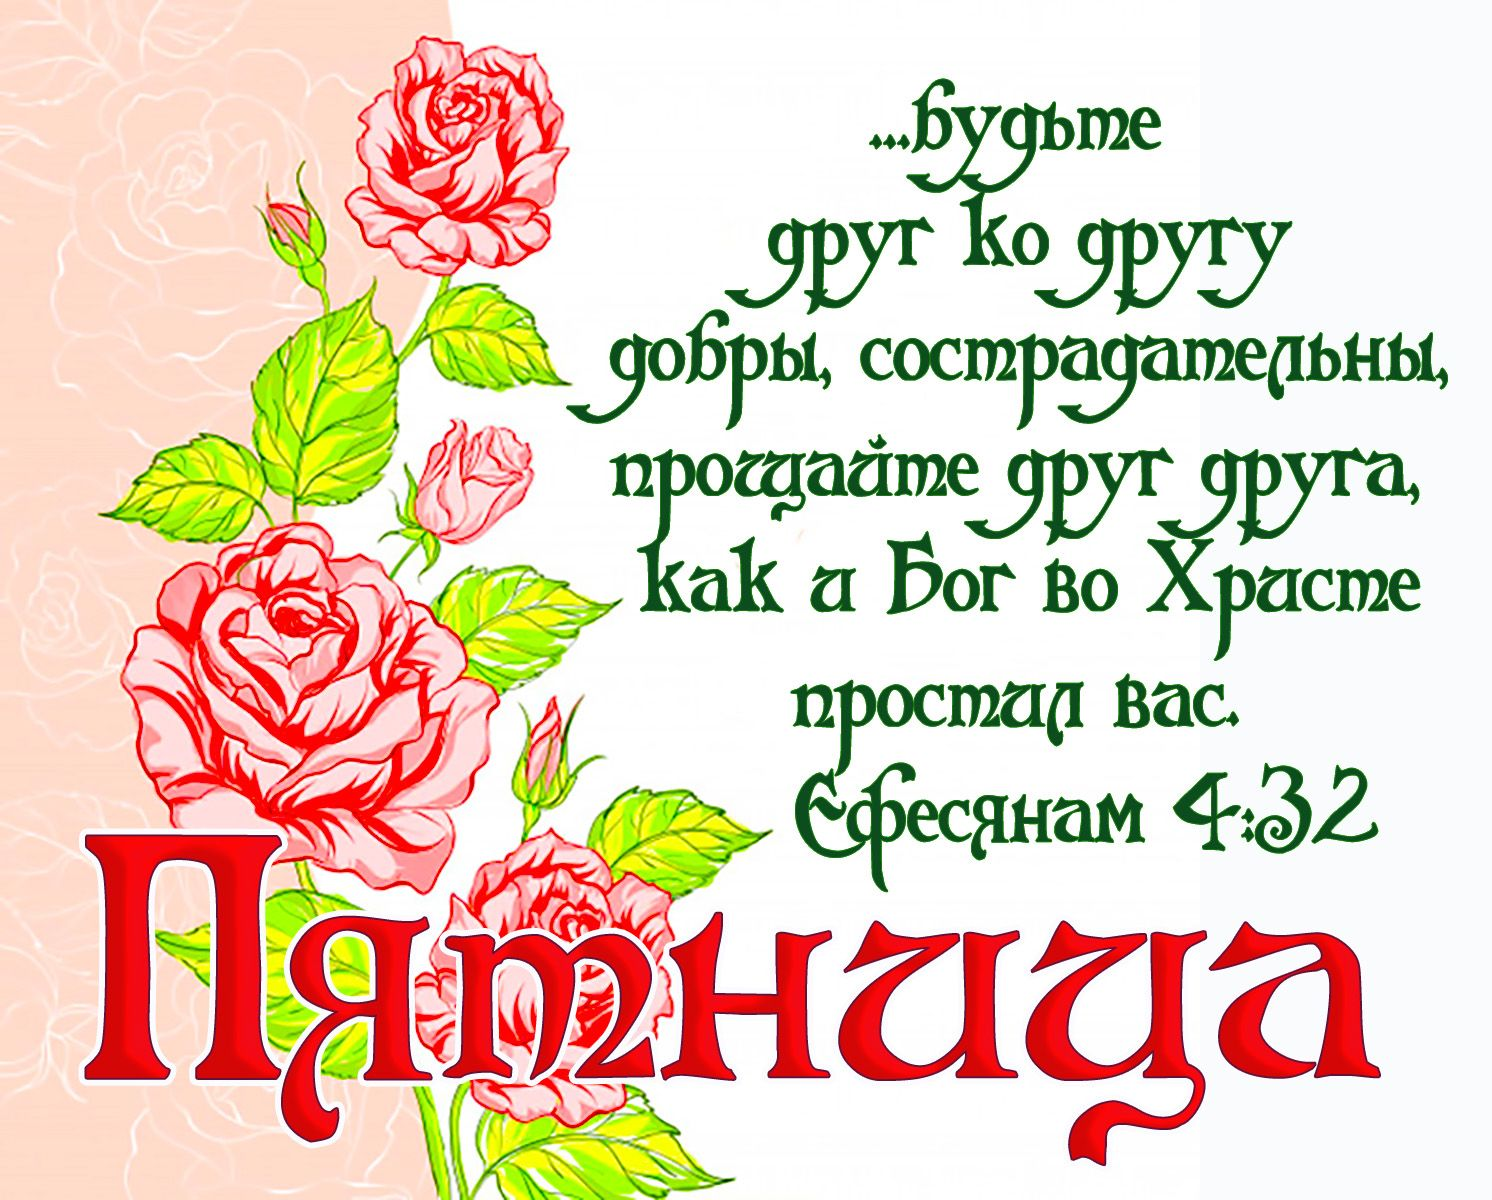 Христианские приветствия открытки